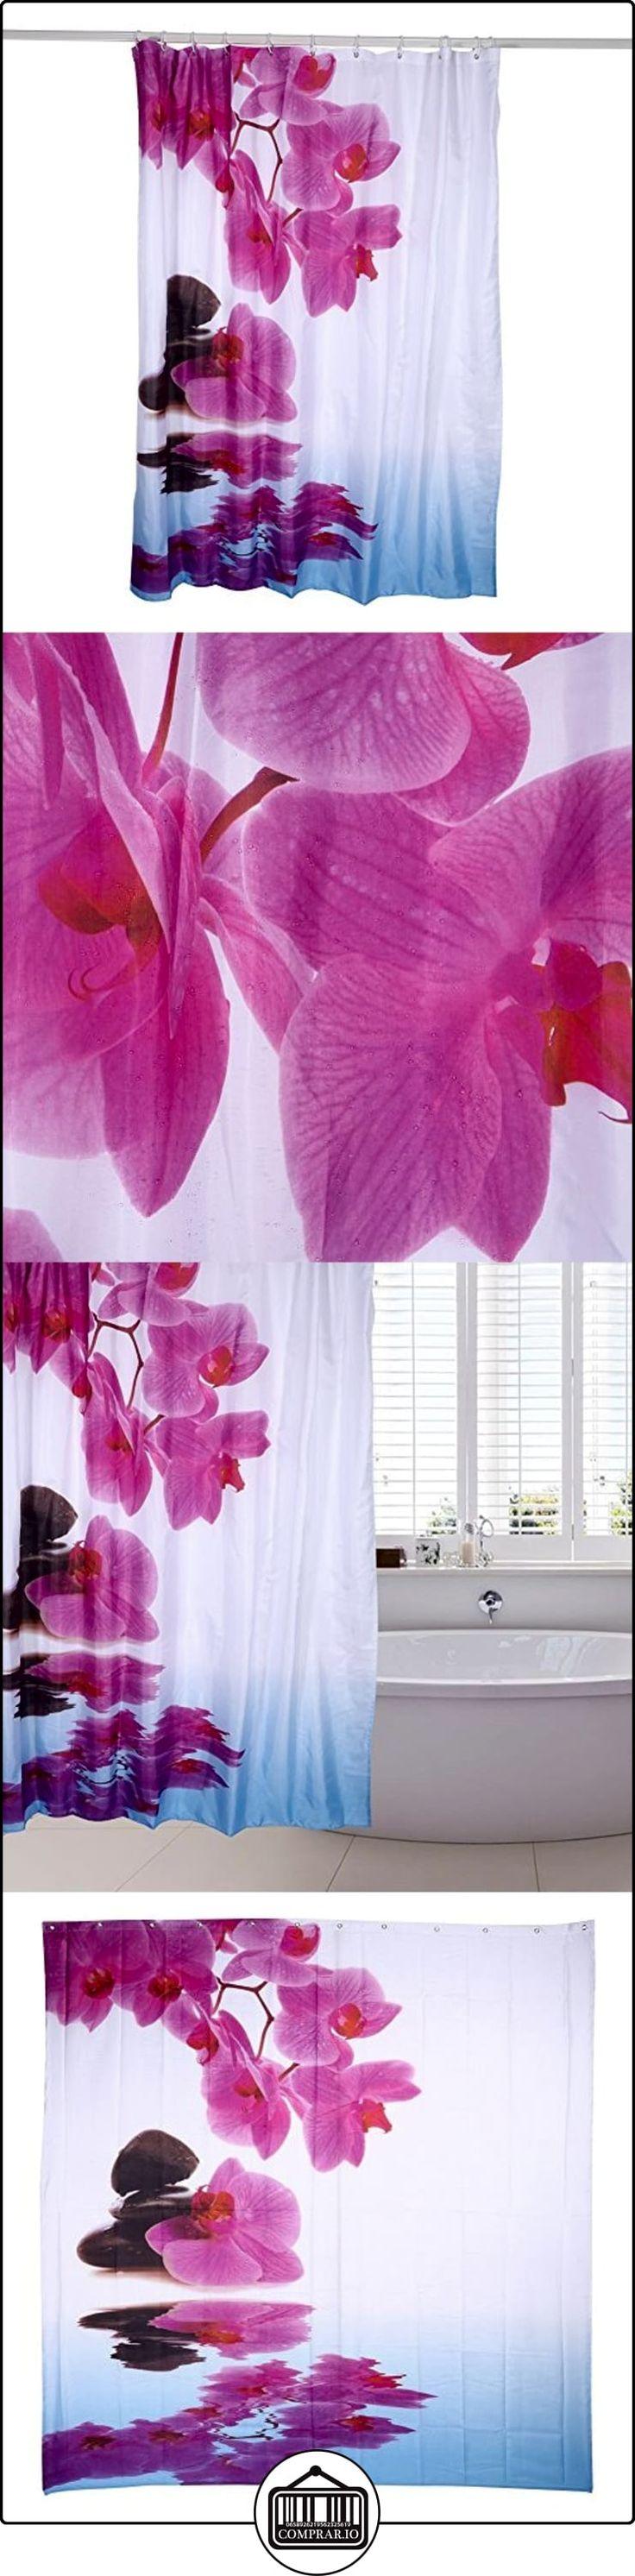 Tela de poliéster impermeable cortina de ducha de baño con 12ganchos ( Color : Type6 )  ✿ Seguridad para tu bebé - (Protege a tus hijos) ✿ ▬► Ver oferta: http://comprar.io/goto/B01N7FK5KT